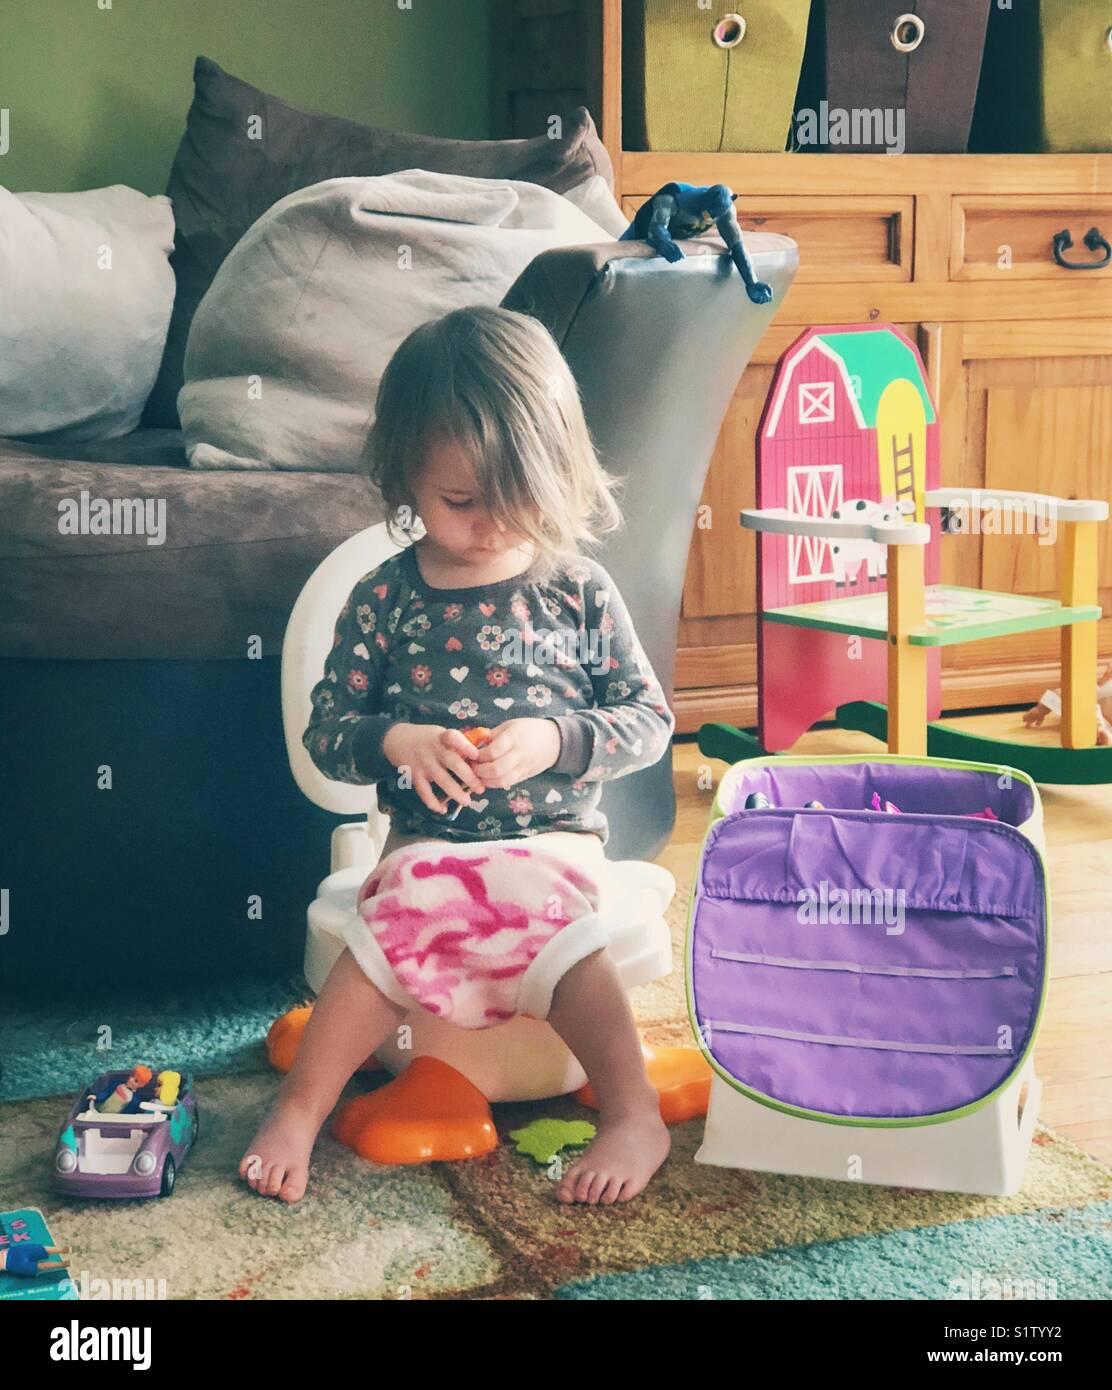 Image Style De Vie Authentique Franche Aerial Sur Chaise Pot Avec Des Jouets Dans La Chambre Famille Alors Que Lapprentissage Propret